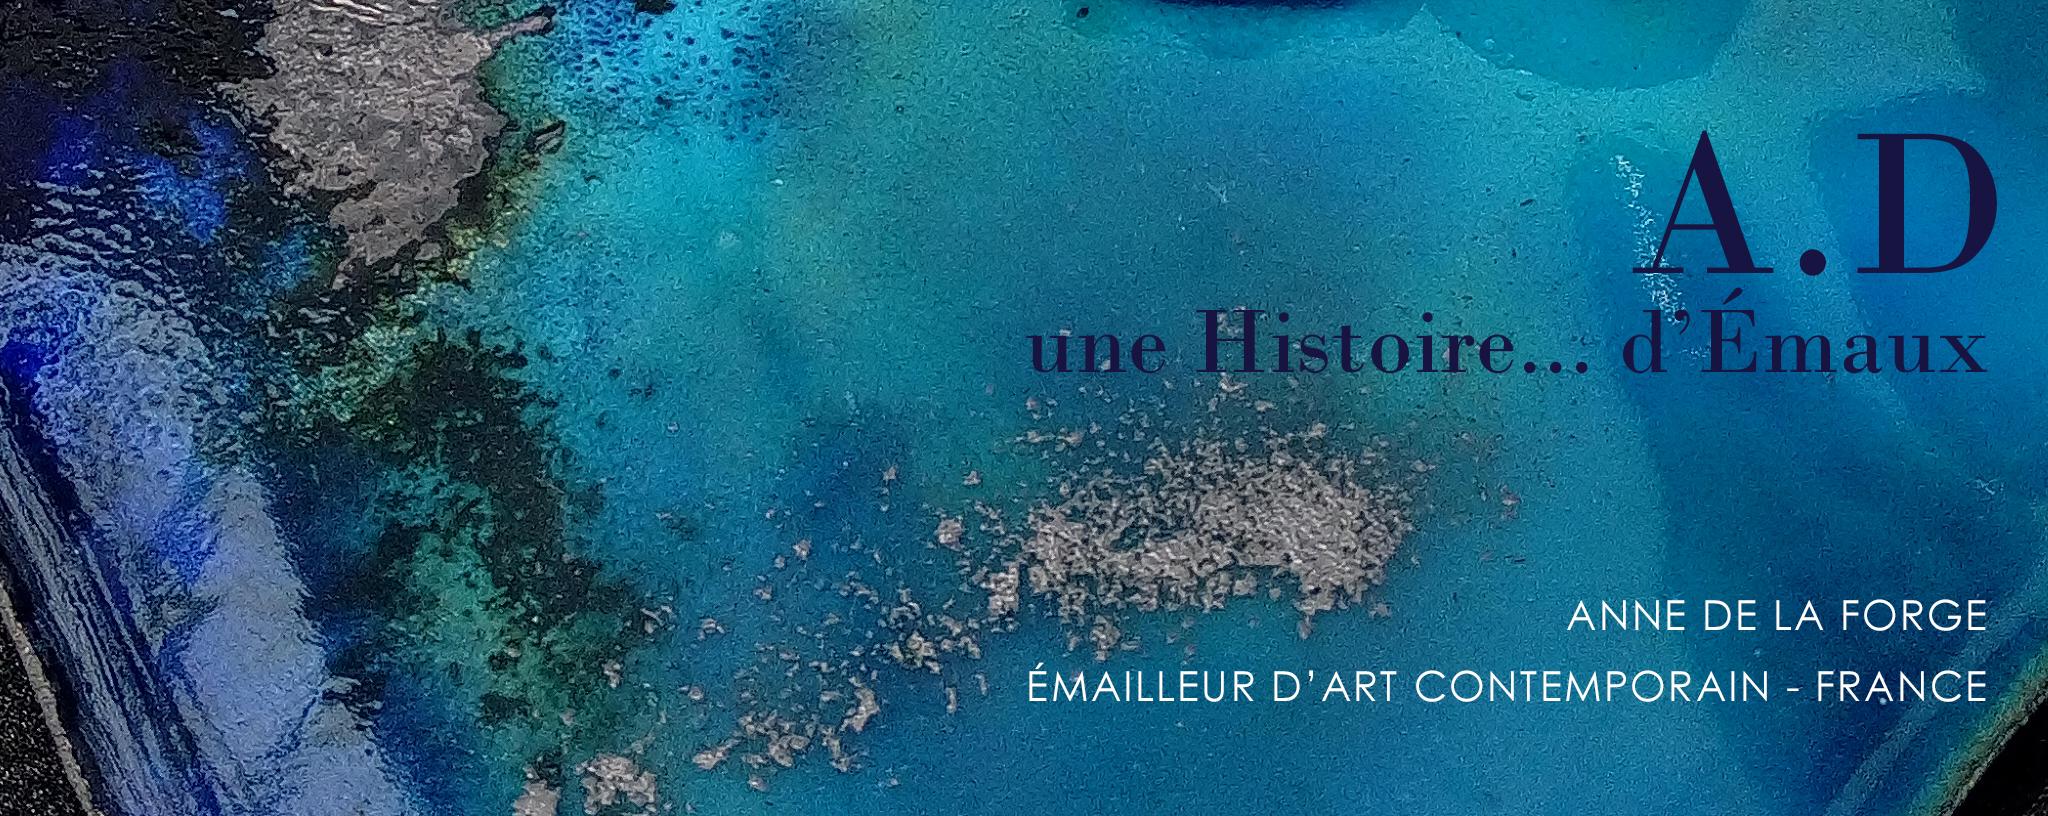 Émailleur d'art contemporain- AD un bijou une Histoire Anne de La Forge